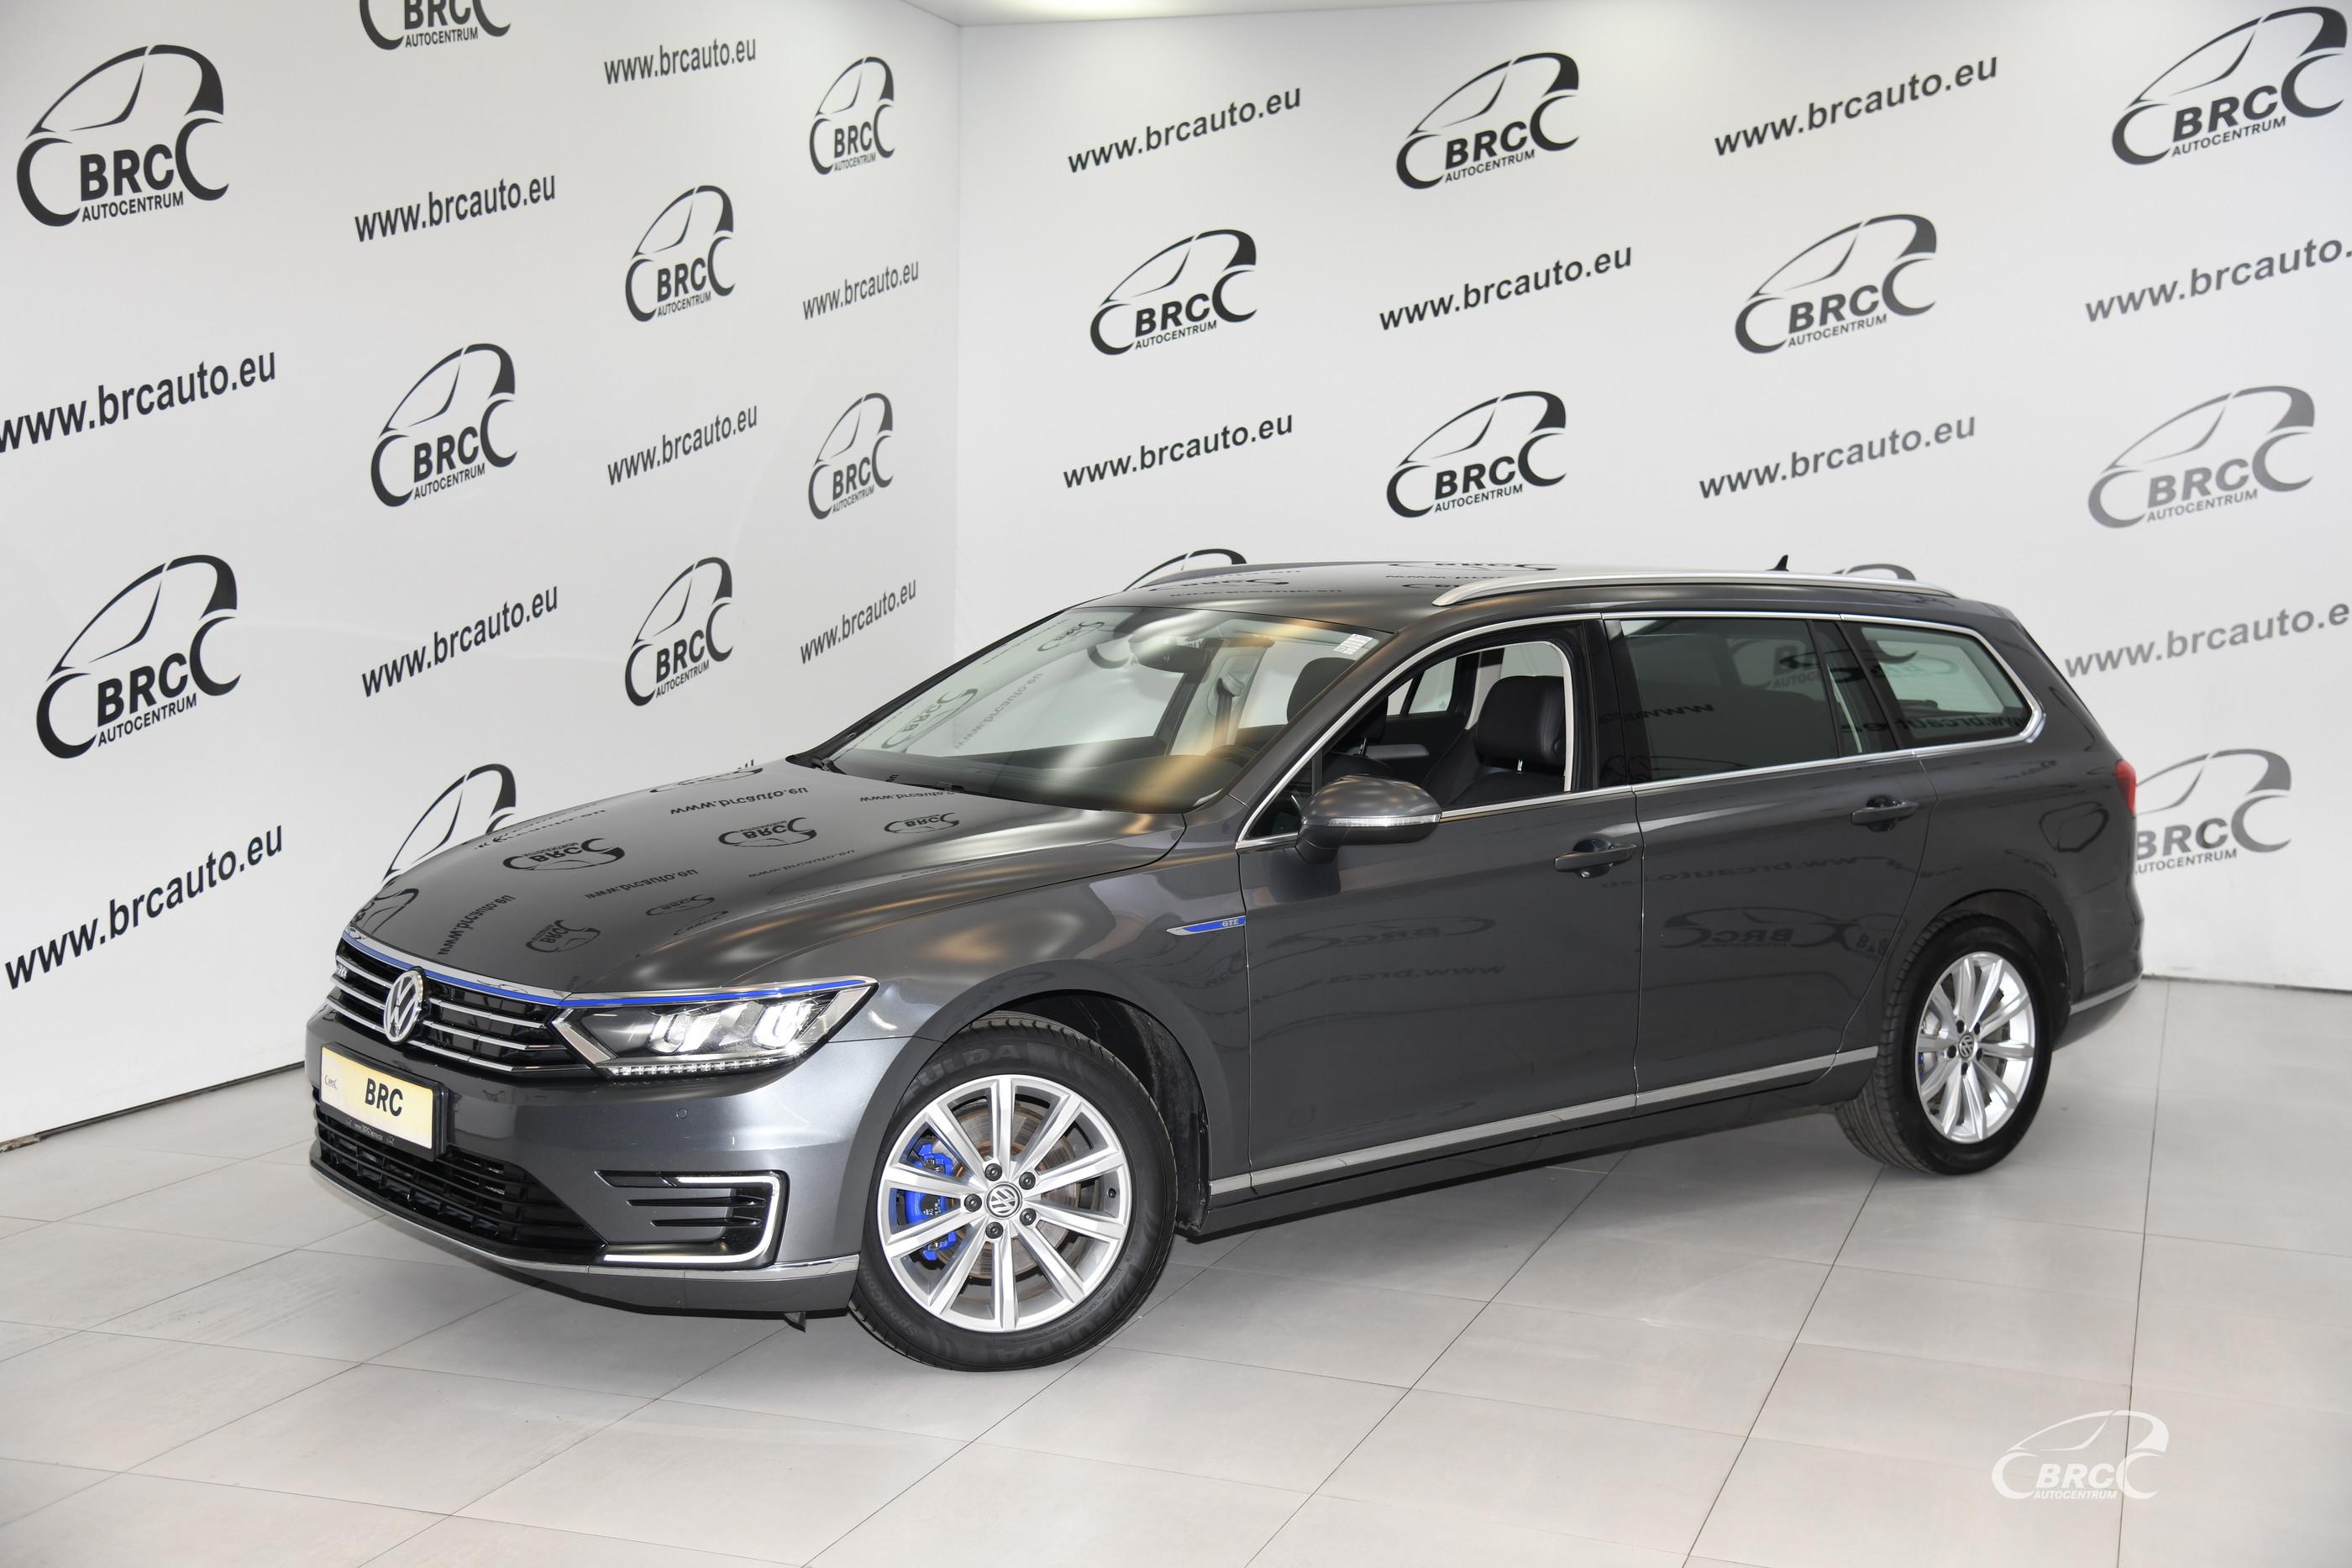 Volkswagen Passat GTE Plug-in Hybrid Automatas